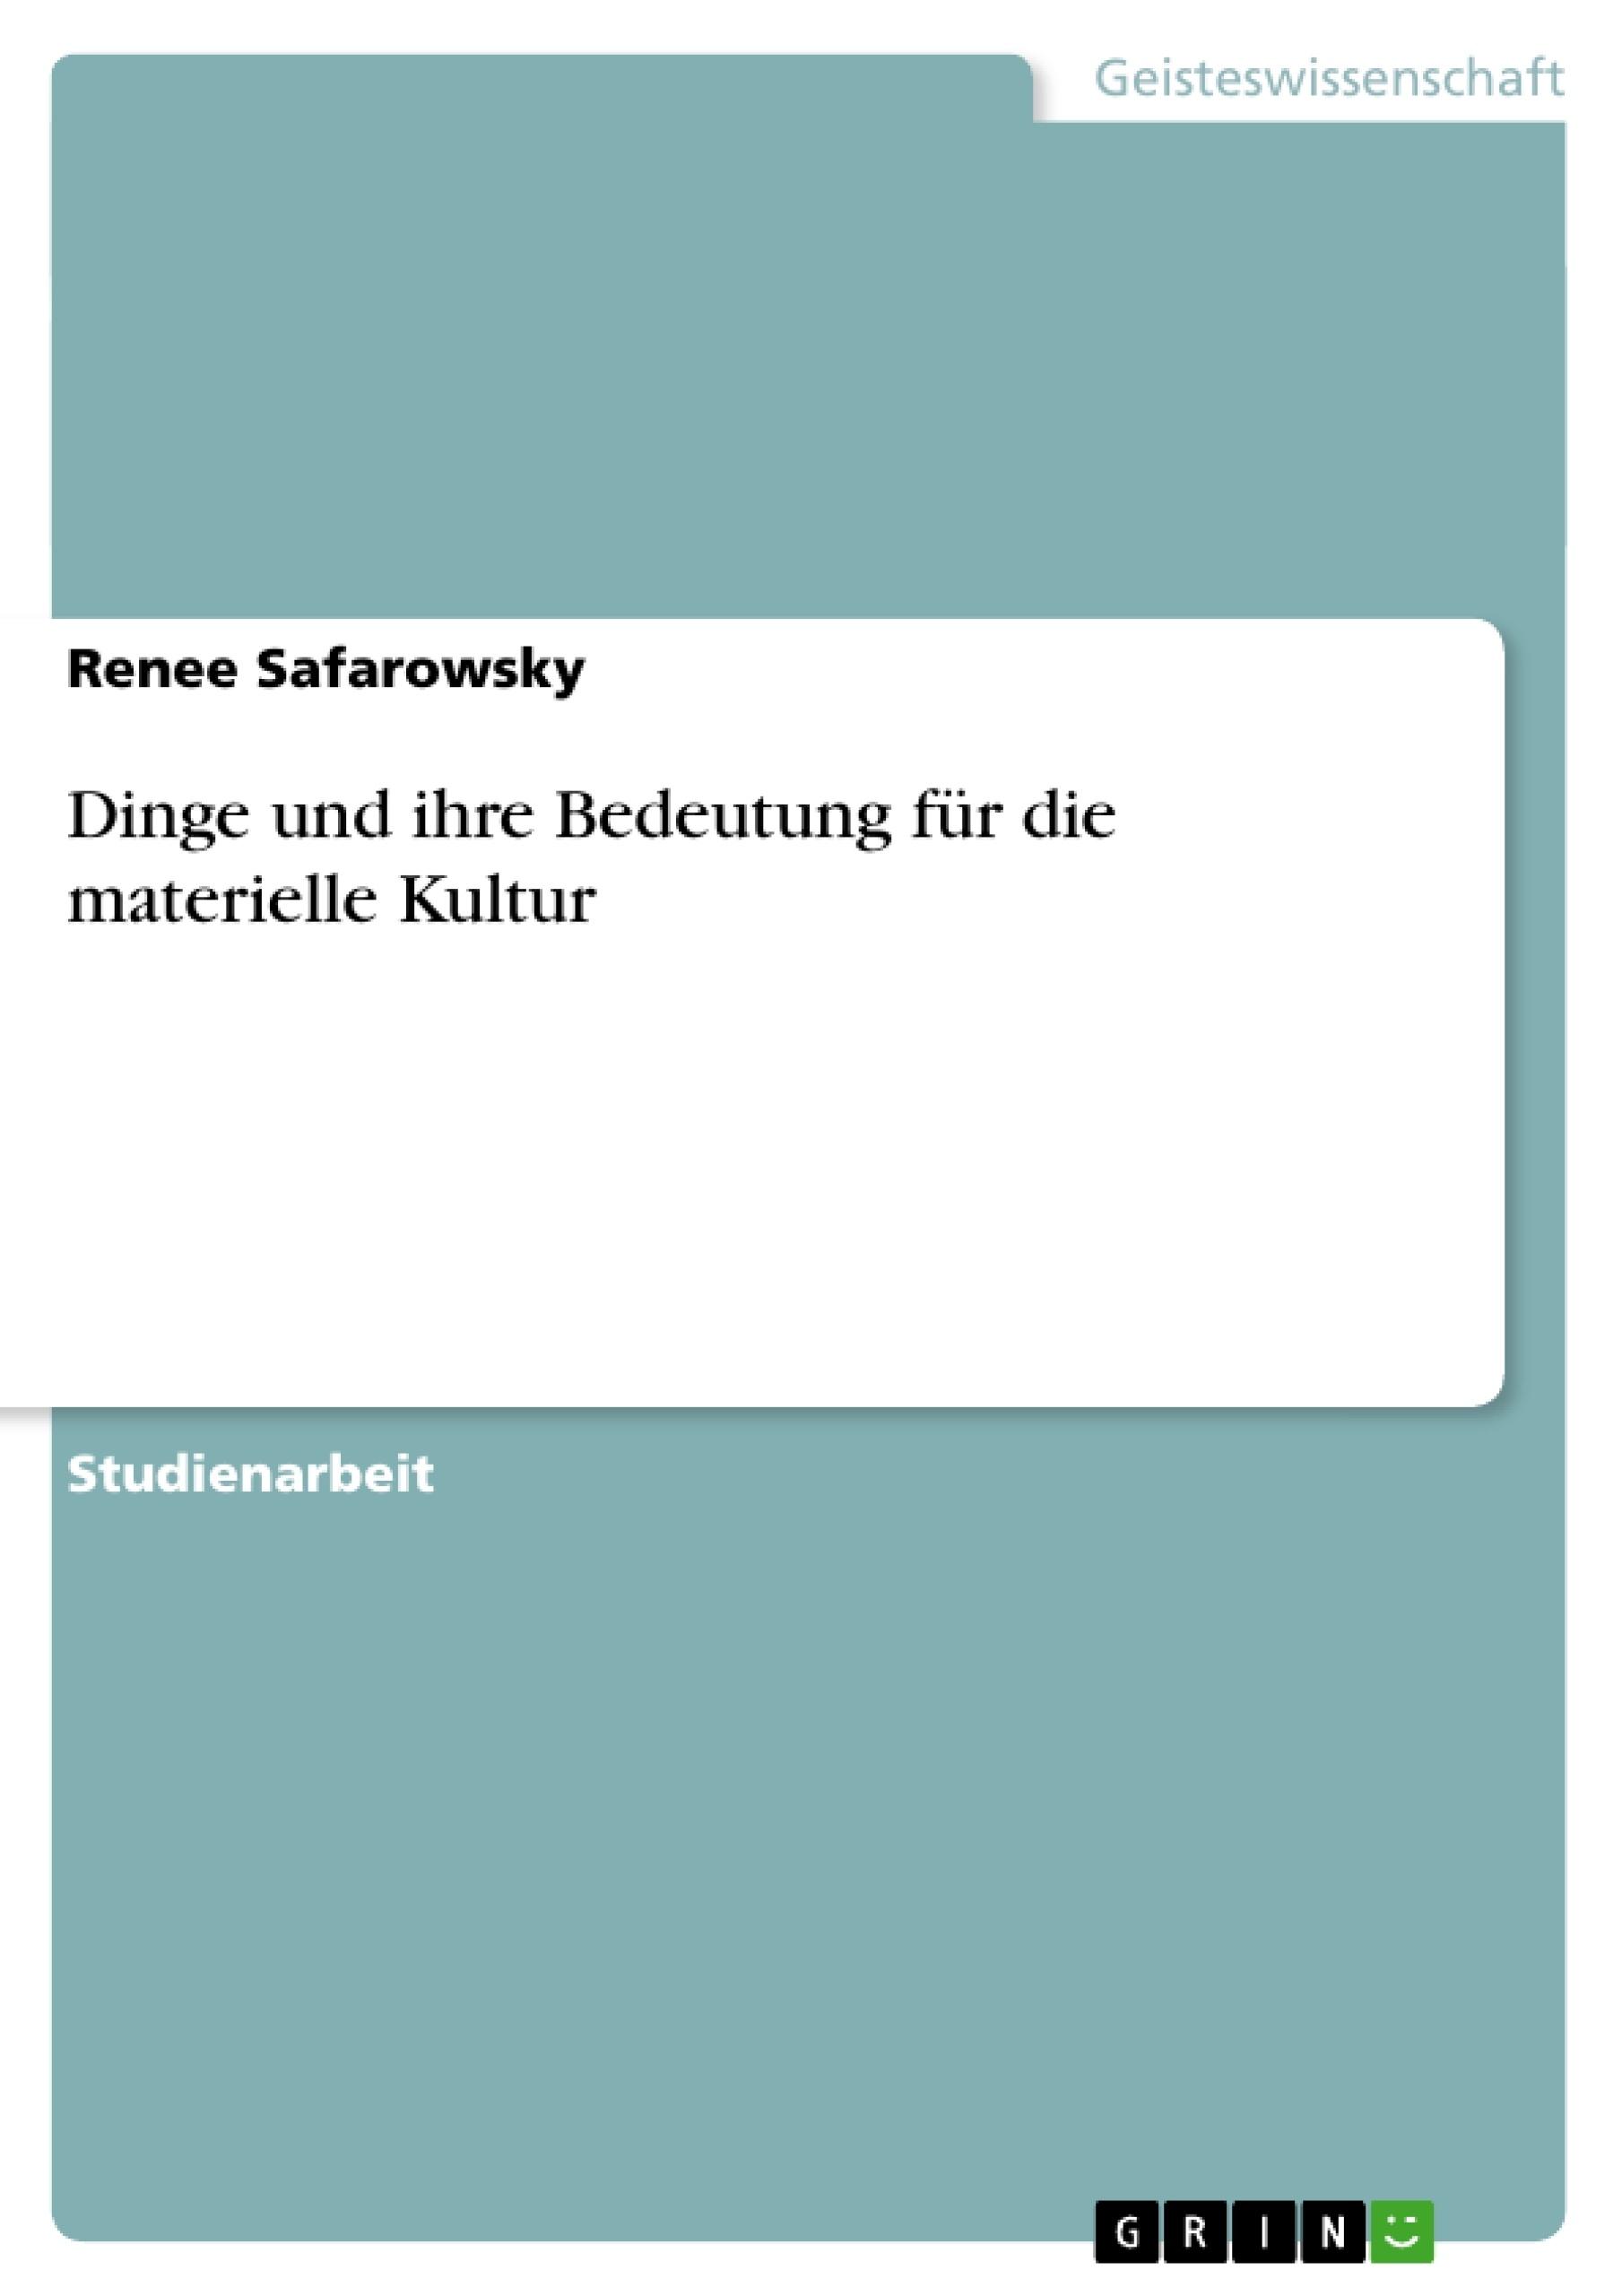 Titel: Dinge und ihre Bedeutung für die materielle Kultur